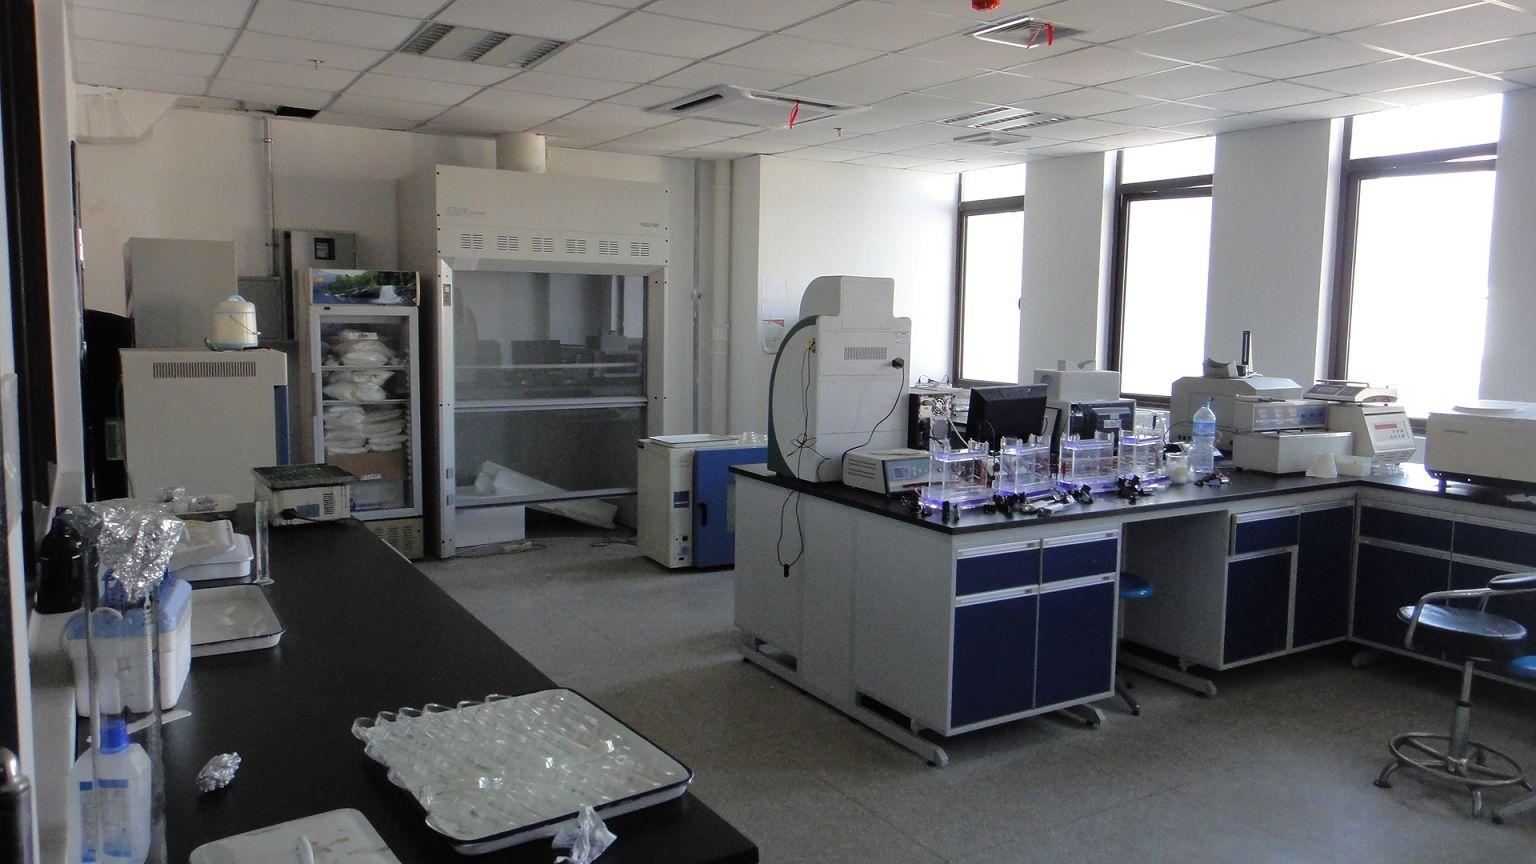 安徽农业大学动物科技学院实验室设备仪器搬迁